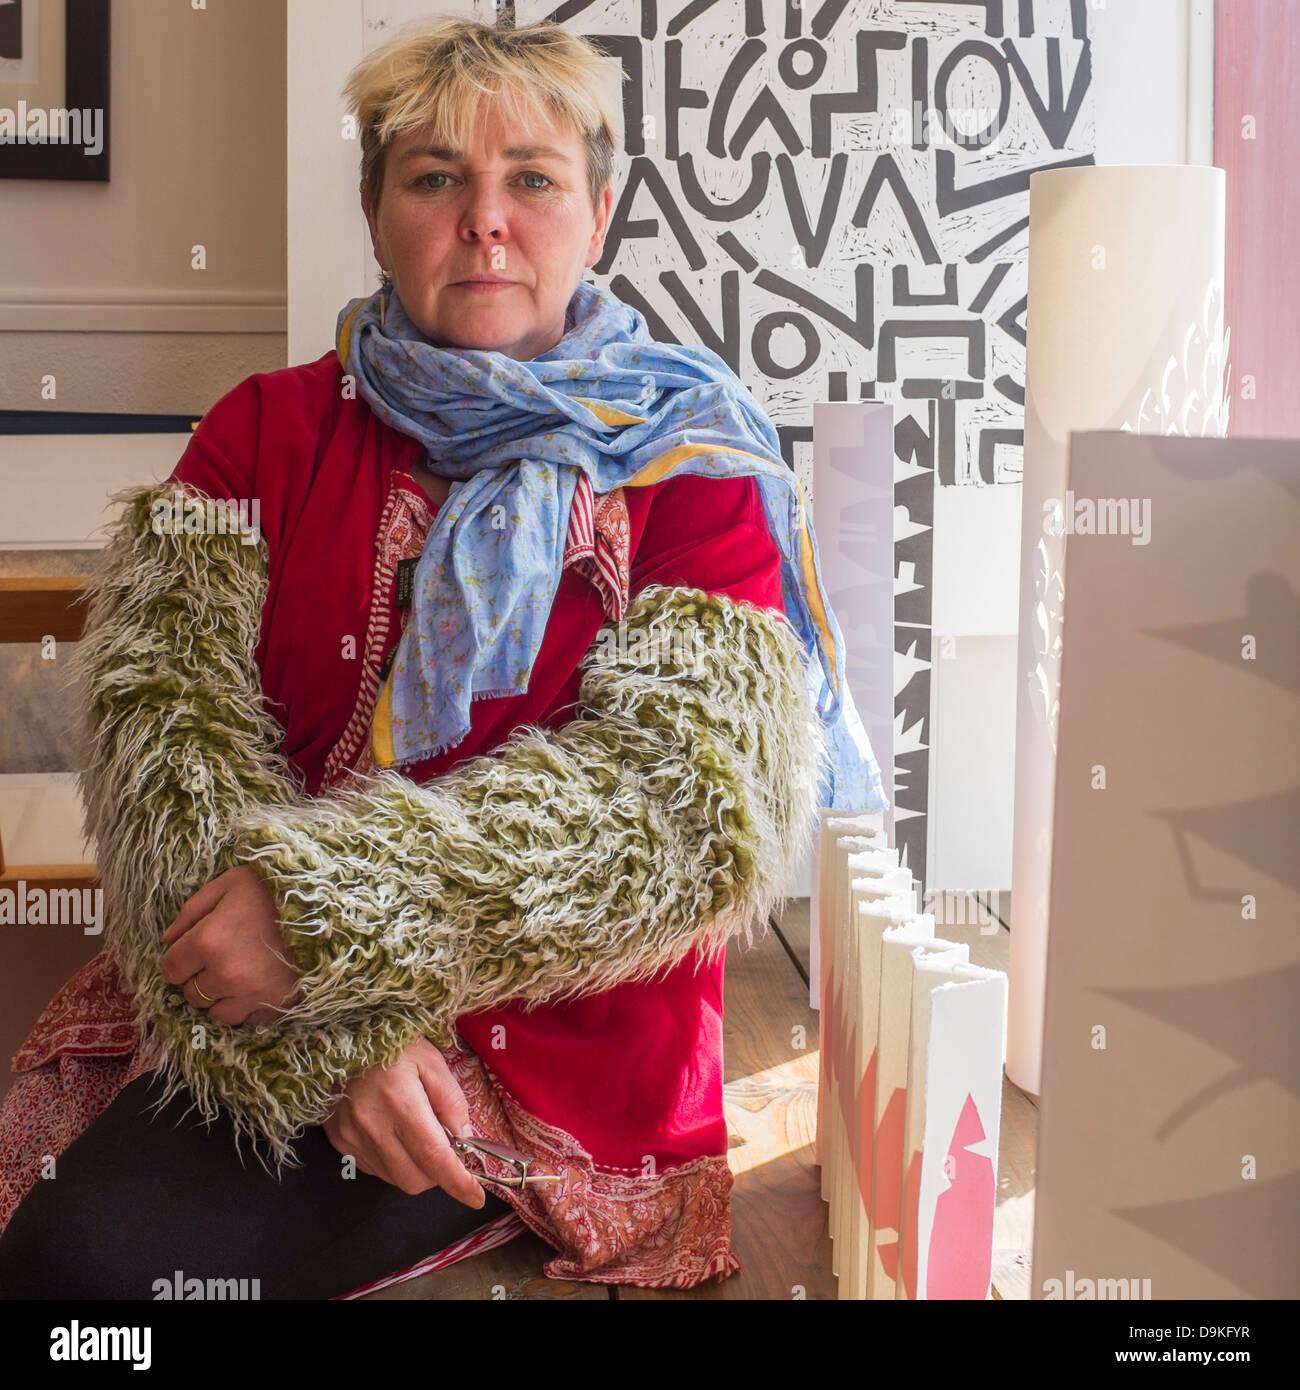 Artiste visuel gallois RUTH JEN EVANS, avec certains de ses travaux à l'Oriel y Bont, Aberystwyth Wales Photo Stock